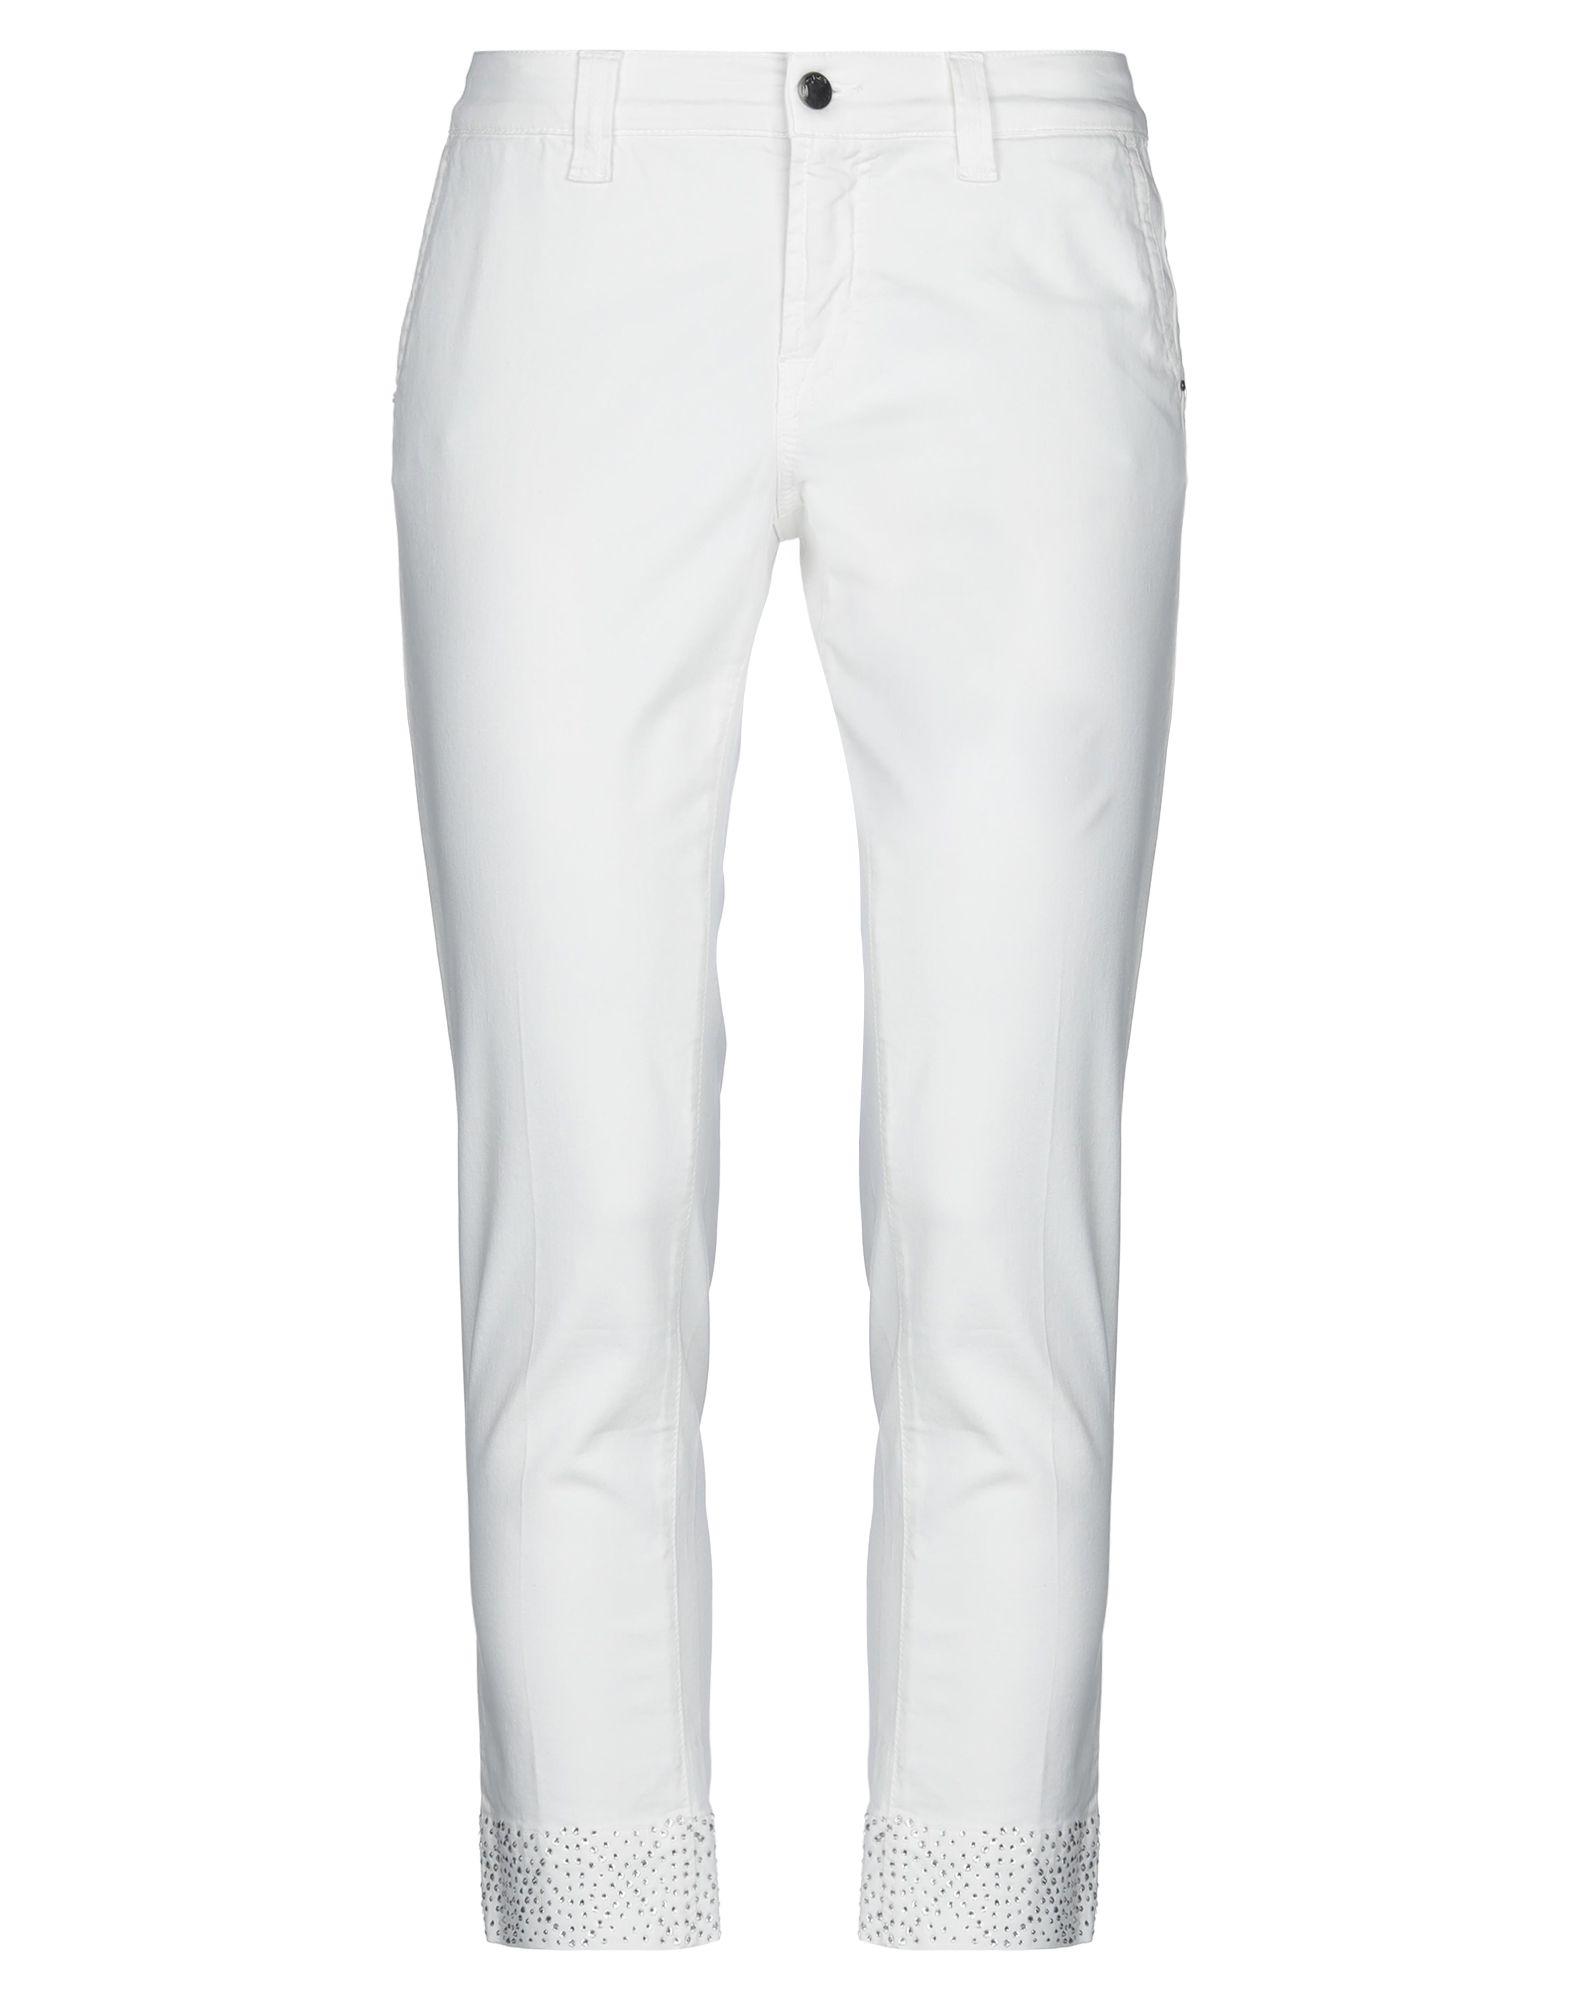 《セール開催中》S.O.S. by ORZA STUDIO レディース パンツ ホワイト 30 コットン 98% / ポリウレタン? 2%